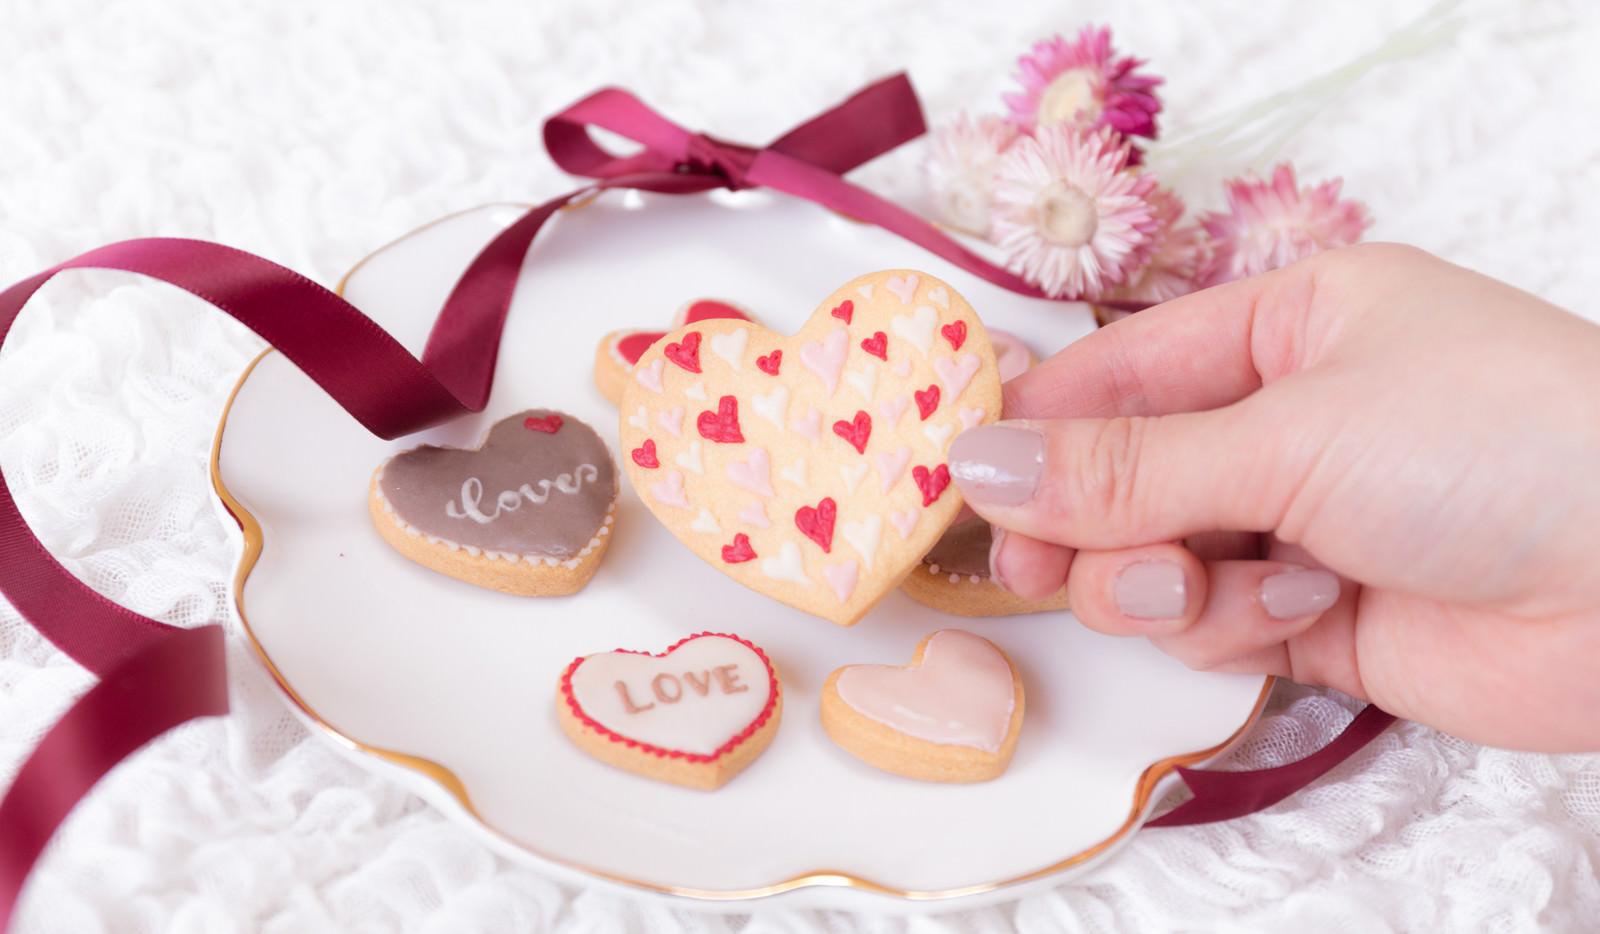 「ハートのクッキーに願いを込める(告白)」の写真